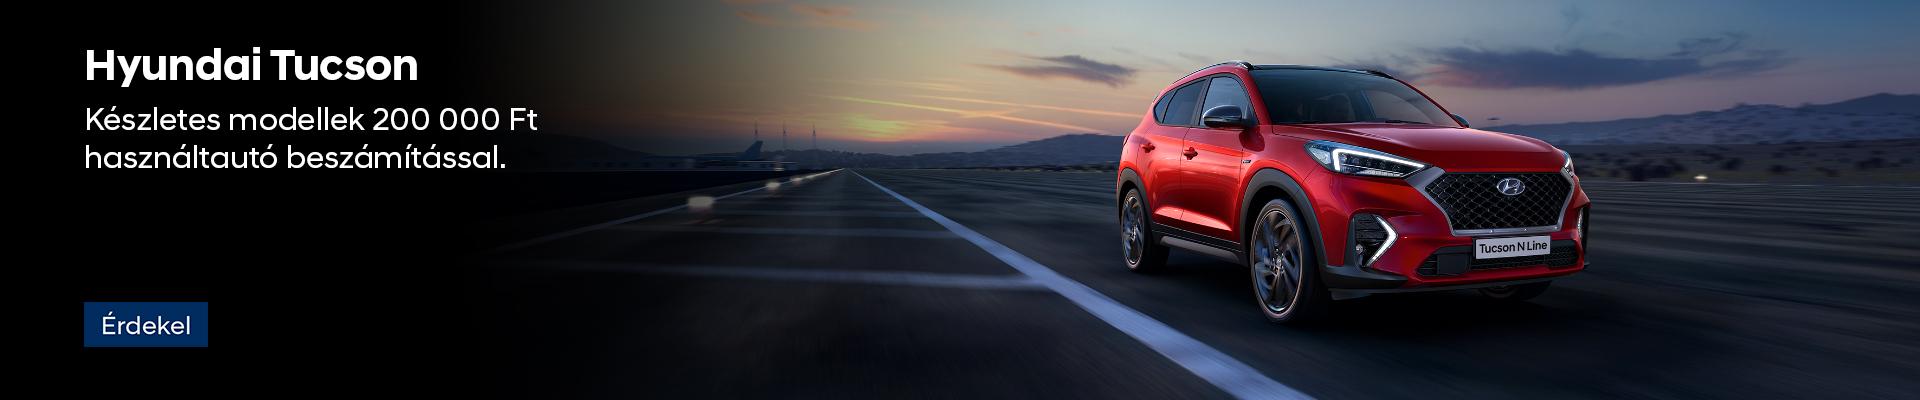 Hyundai Tucson - Készletes modellek 200 000 Ft használtautó beszámítással